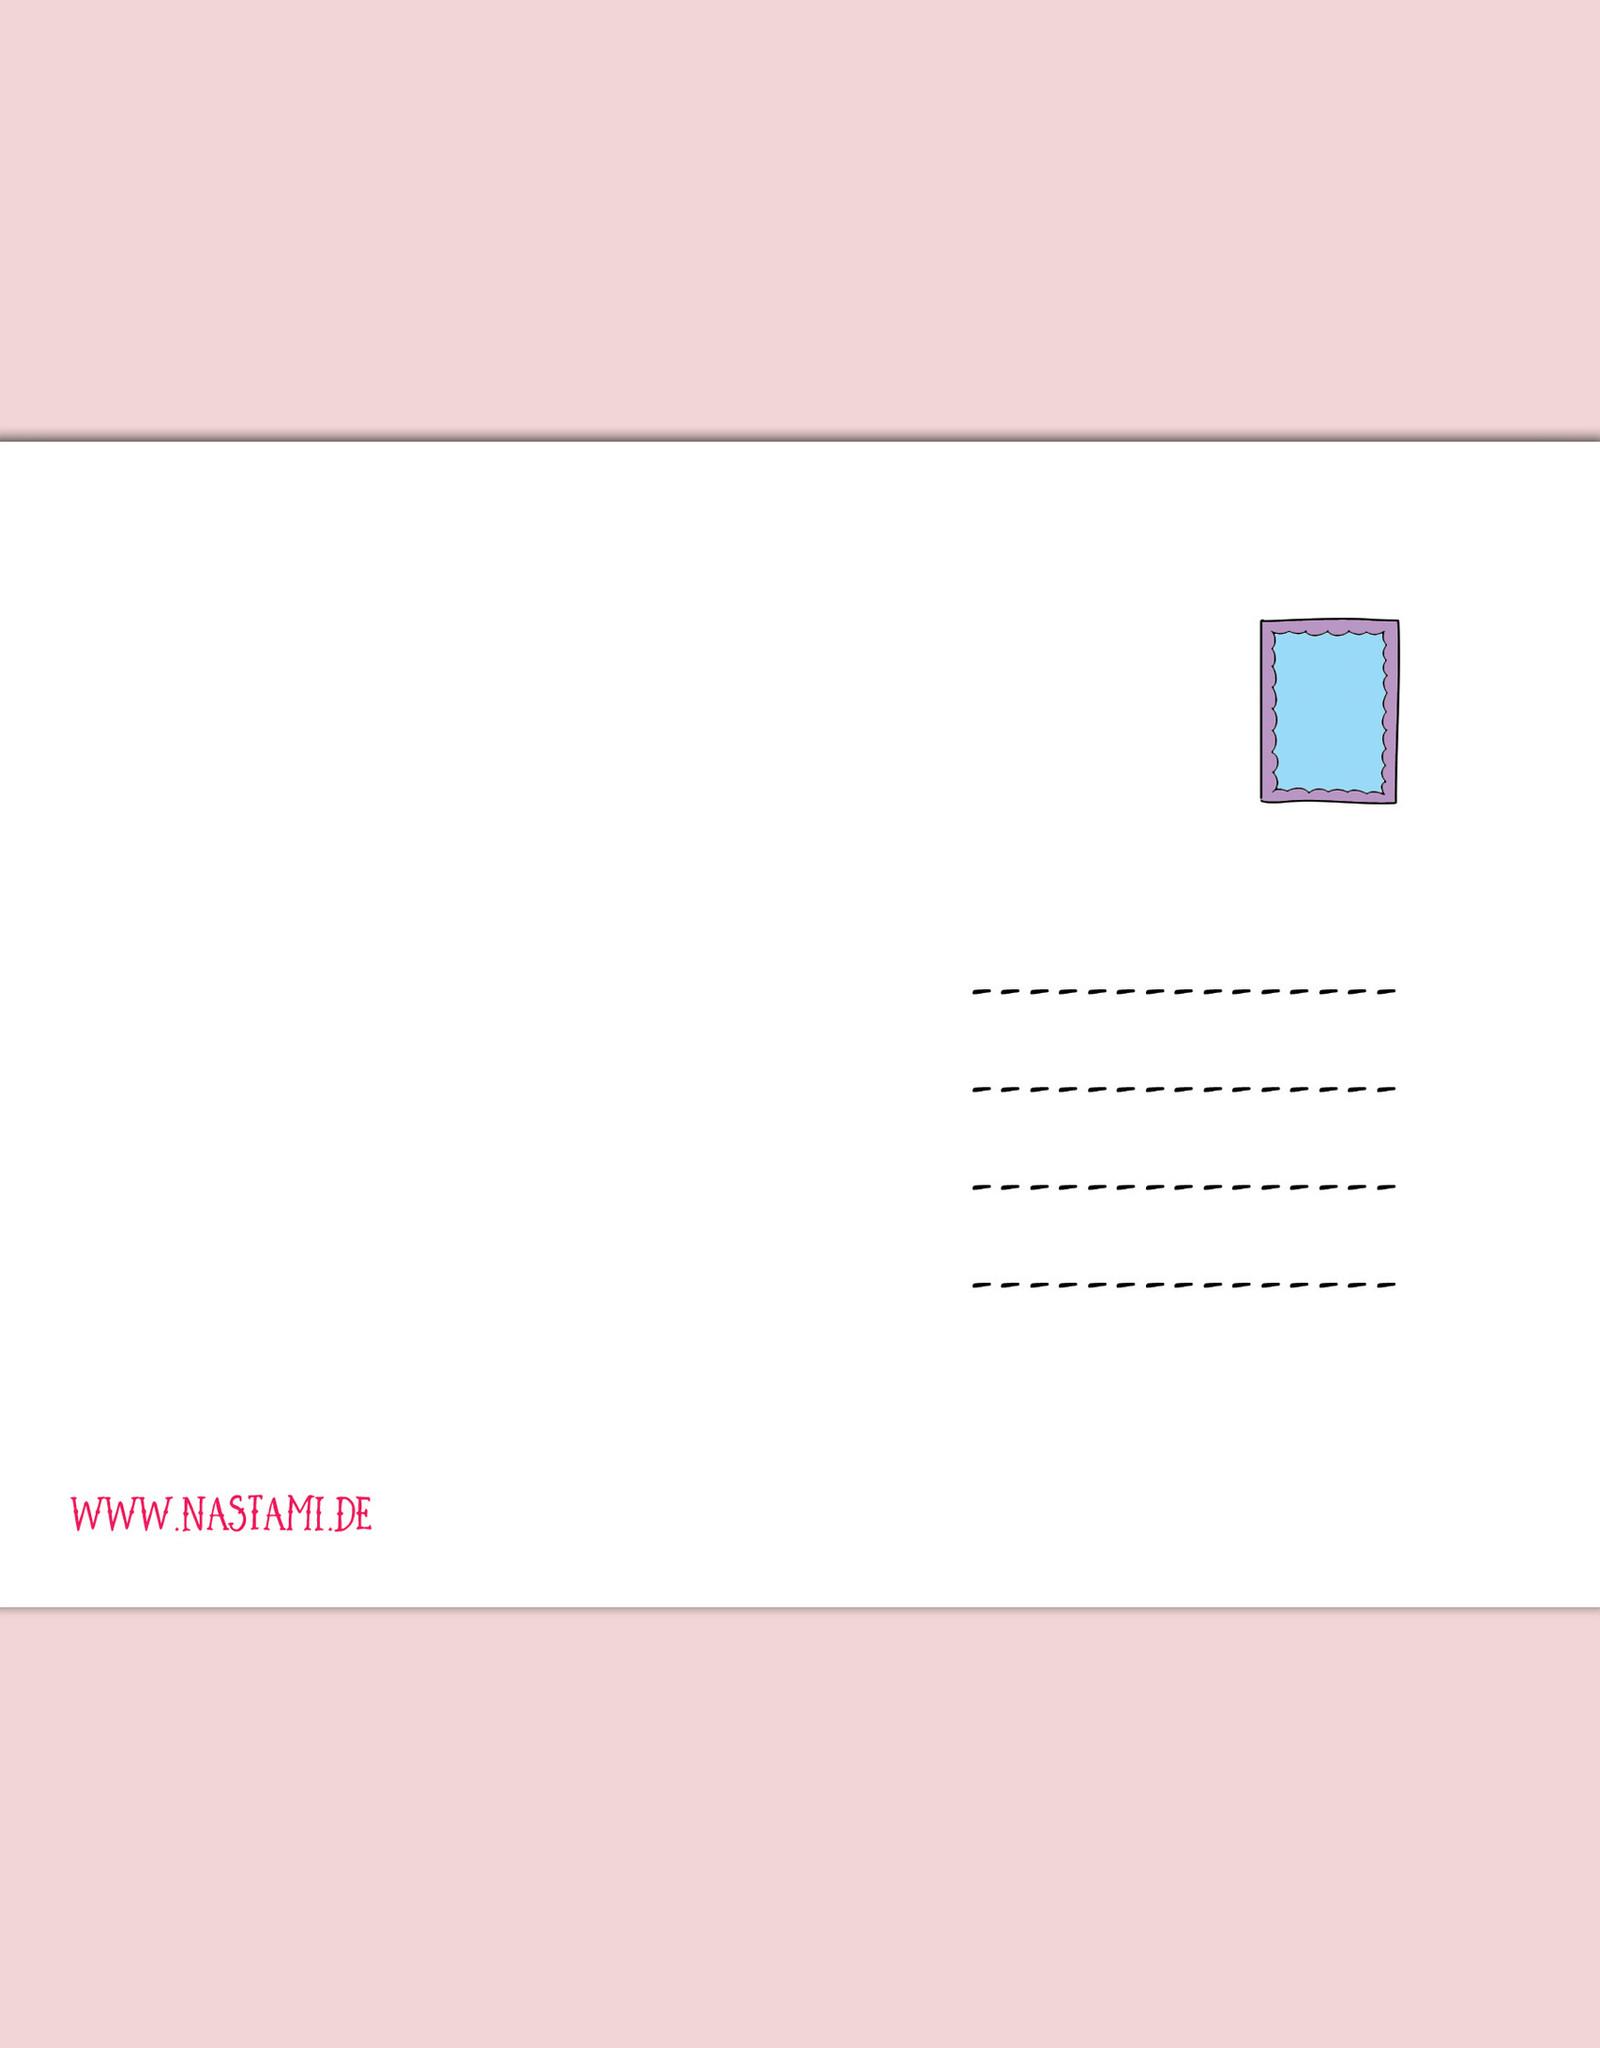 Postkarte Es tut mir leid Entschuldigungskarte Es tut mir leid Karte